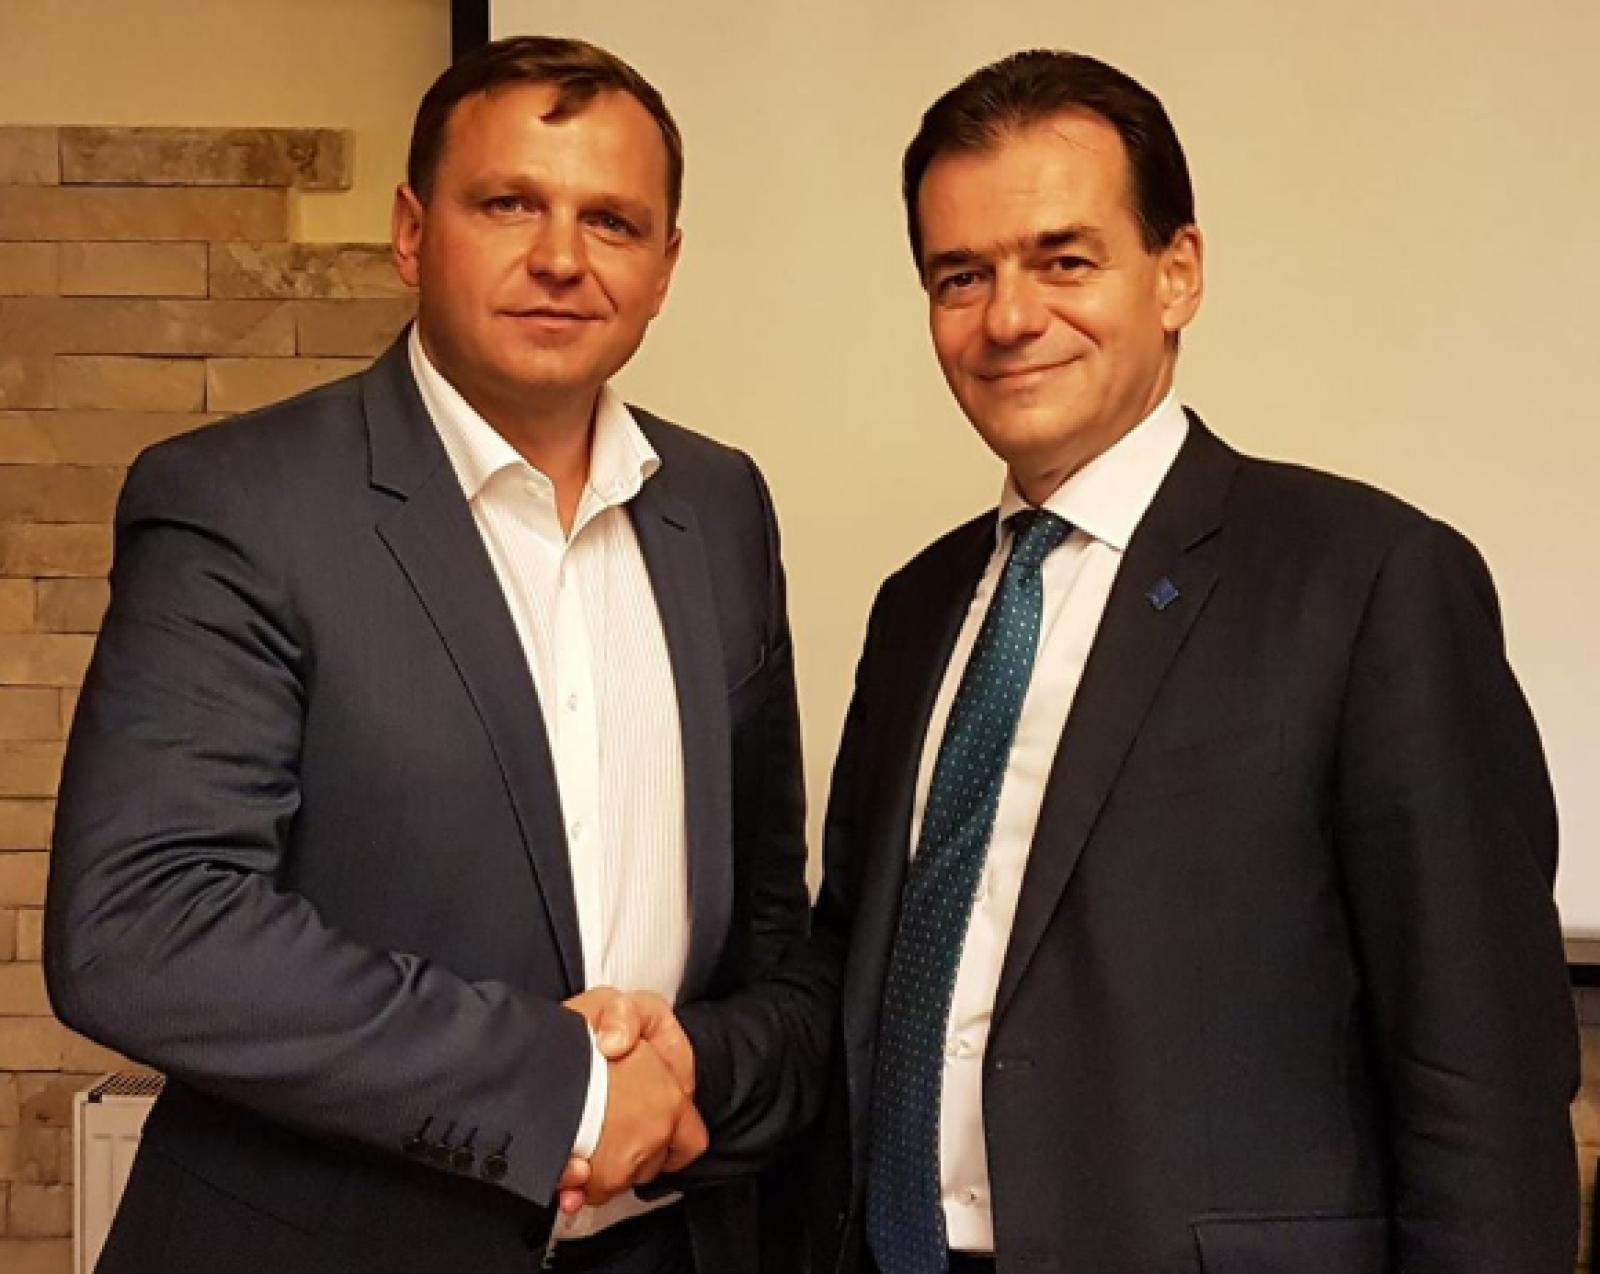 """Președintele PNL România, Ludovic Orban, salută victoria lui Andrei Năstase: """"Alături de aceşti noi lideri, Republica Moldova revine pe drumul natural european"""""""